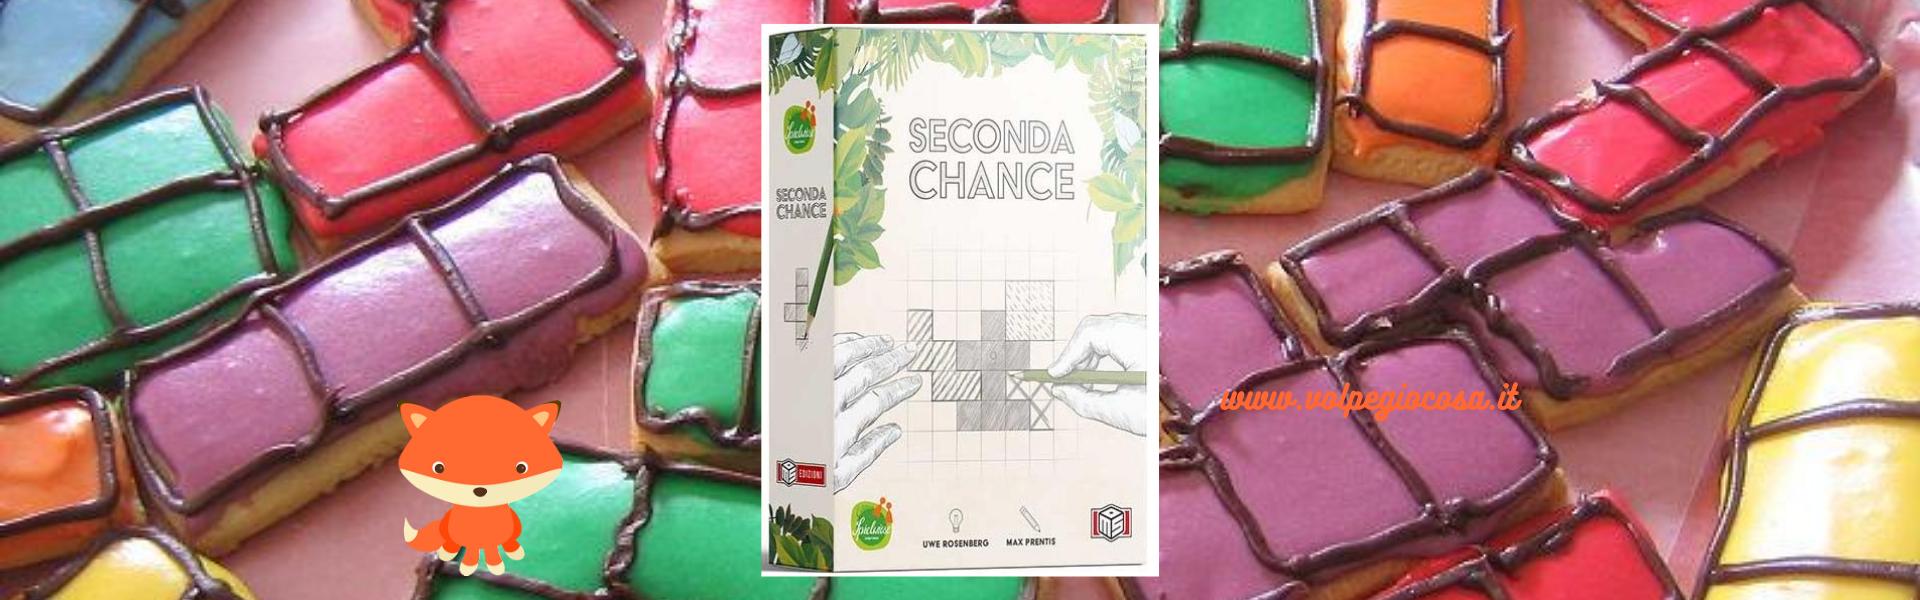 Seconda Chance: il vostro Tetris da tavolo